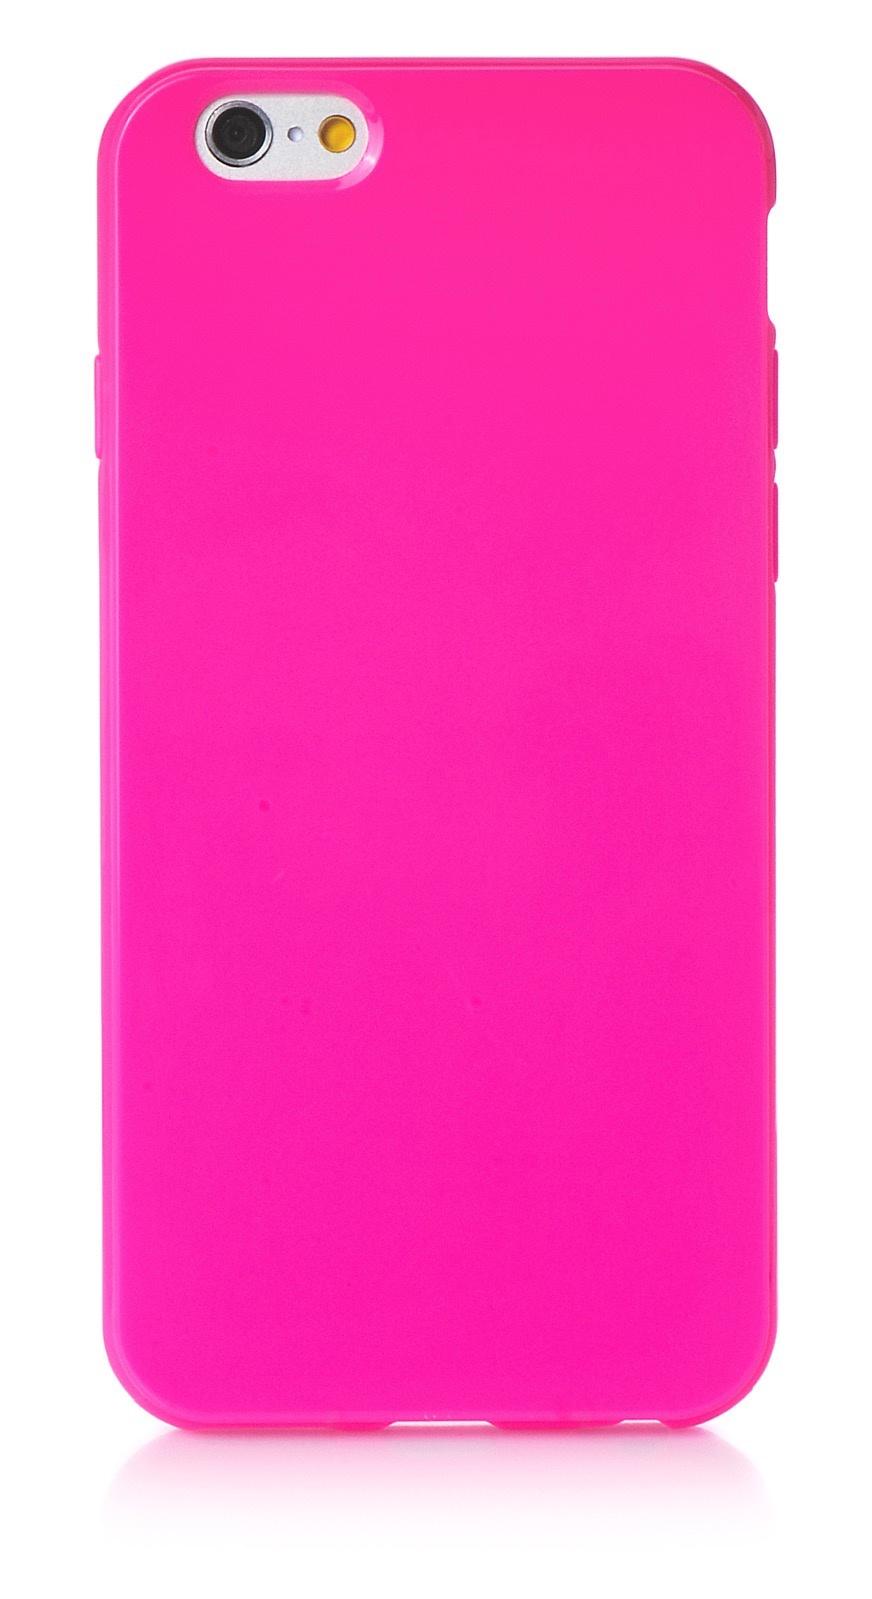 """Чехол для сотового телефона iNeez накладка силикон мыльница 580133 для Apple Iphone 6/6S 4.7"""", темно-розовый"""